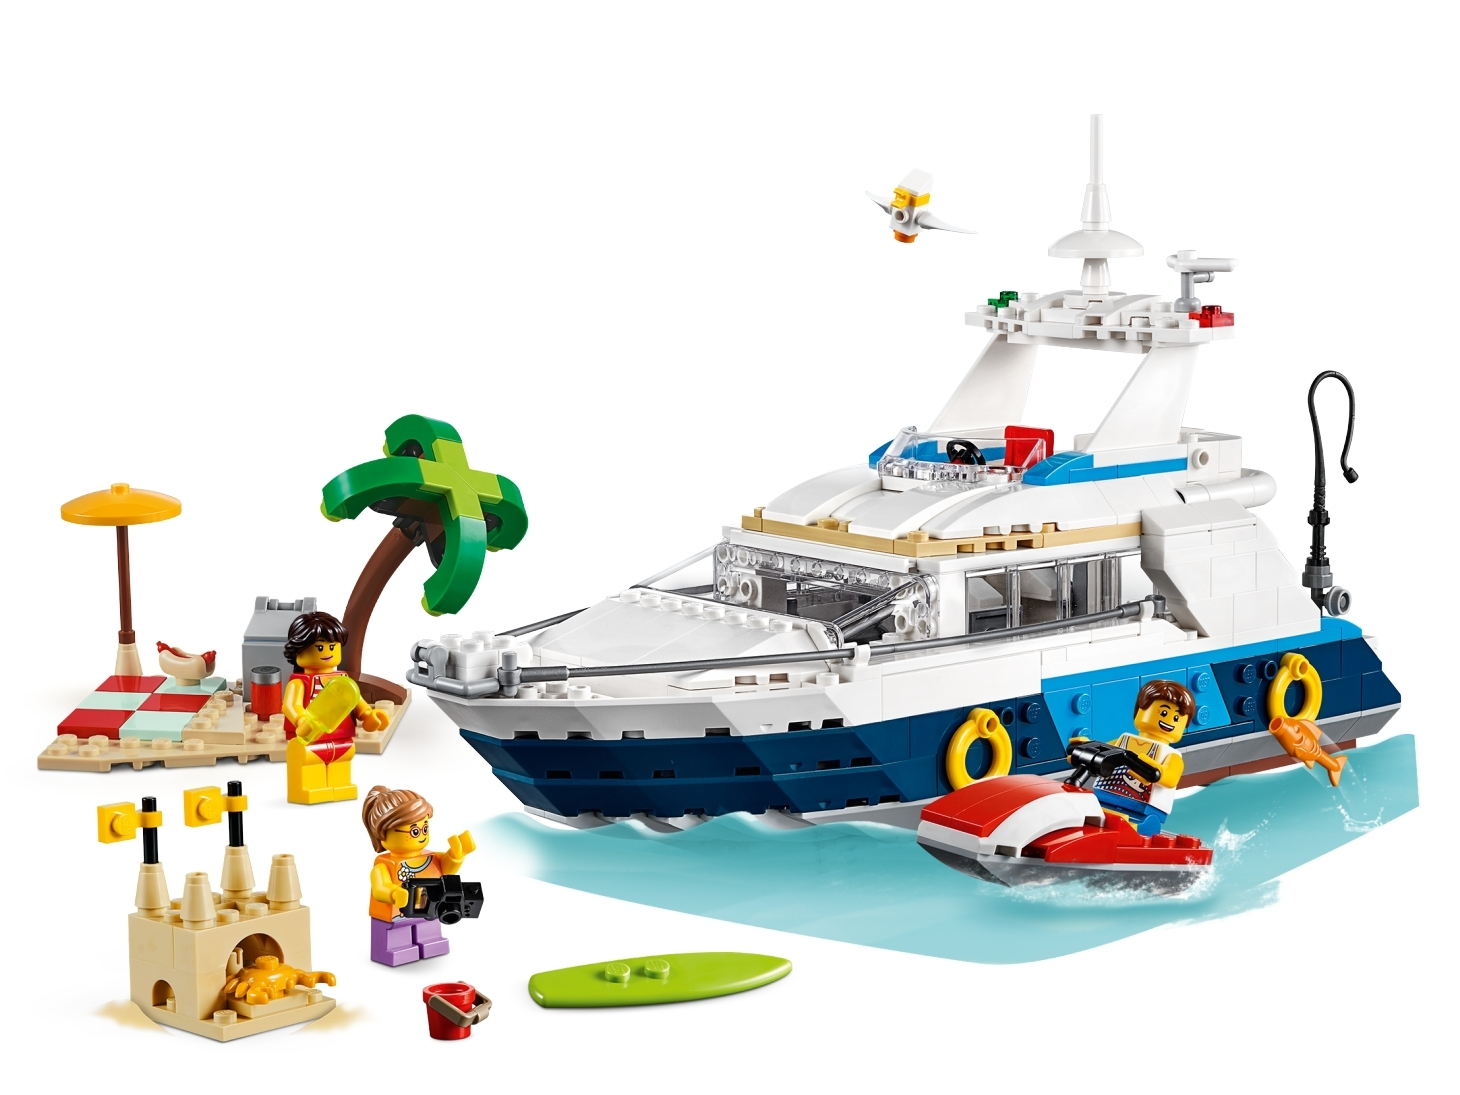 LEGO 31083 Creator Cruising Adventures 3-in-1 Complete Sealed Set